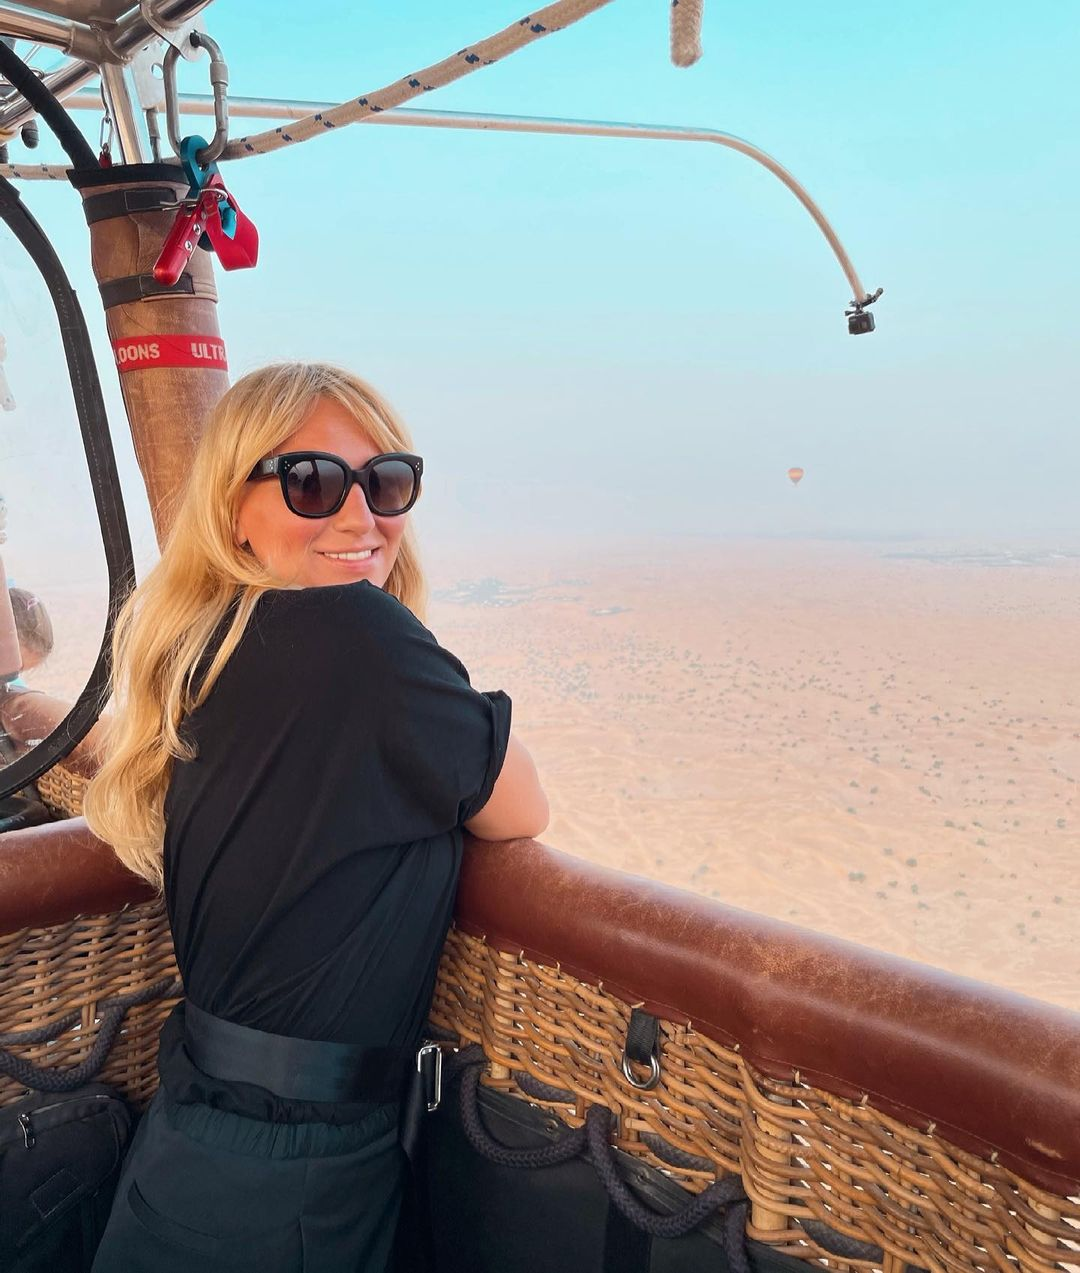 Сафари и фото в пустыне: Анастасия Масюткина, Анна Закусило и Вита Кин отдыхают в ОАЭ